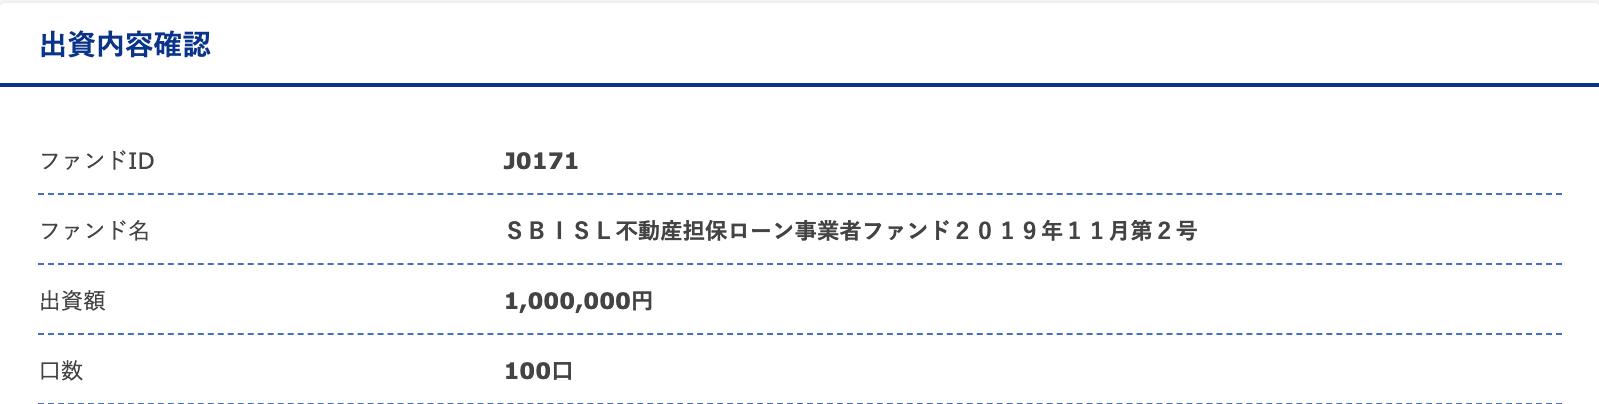 不動産担保ローン事業者ファンド